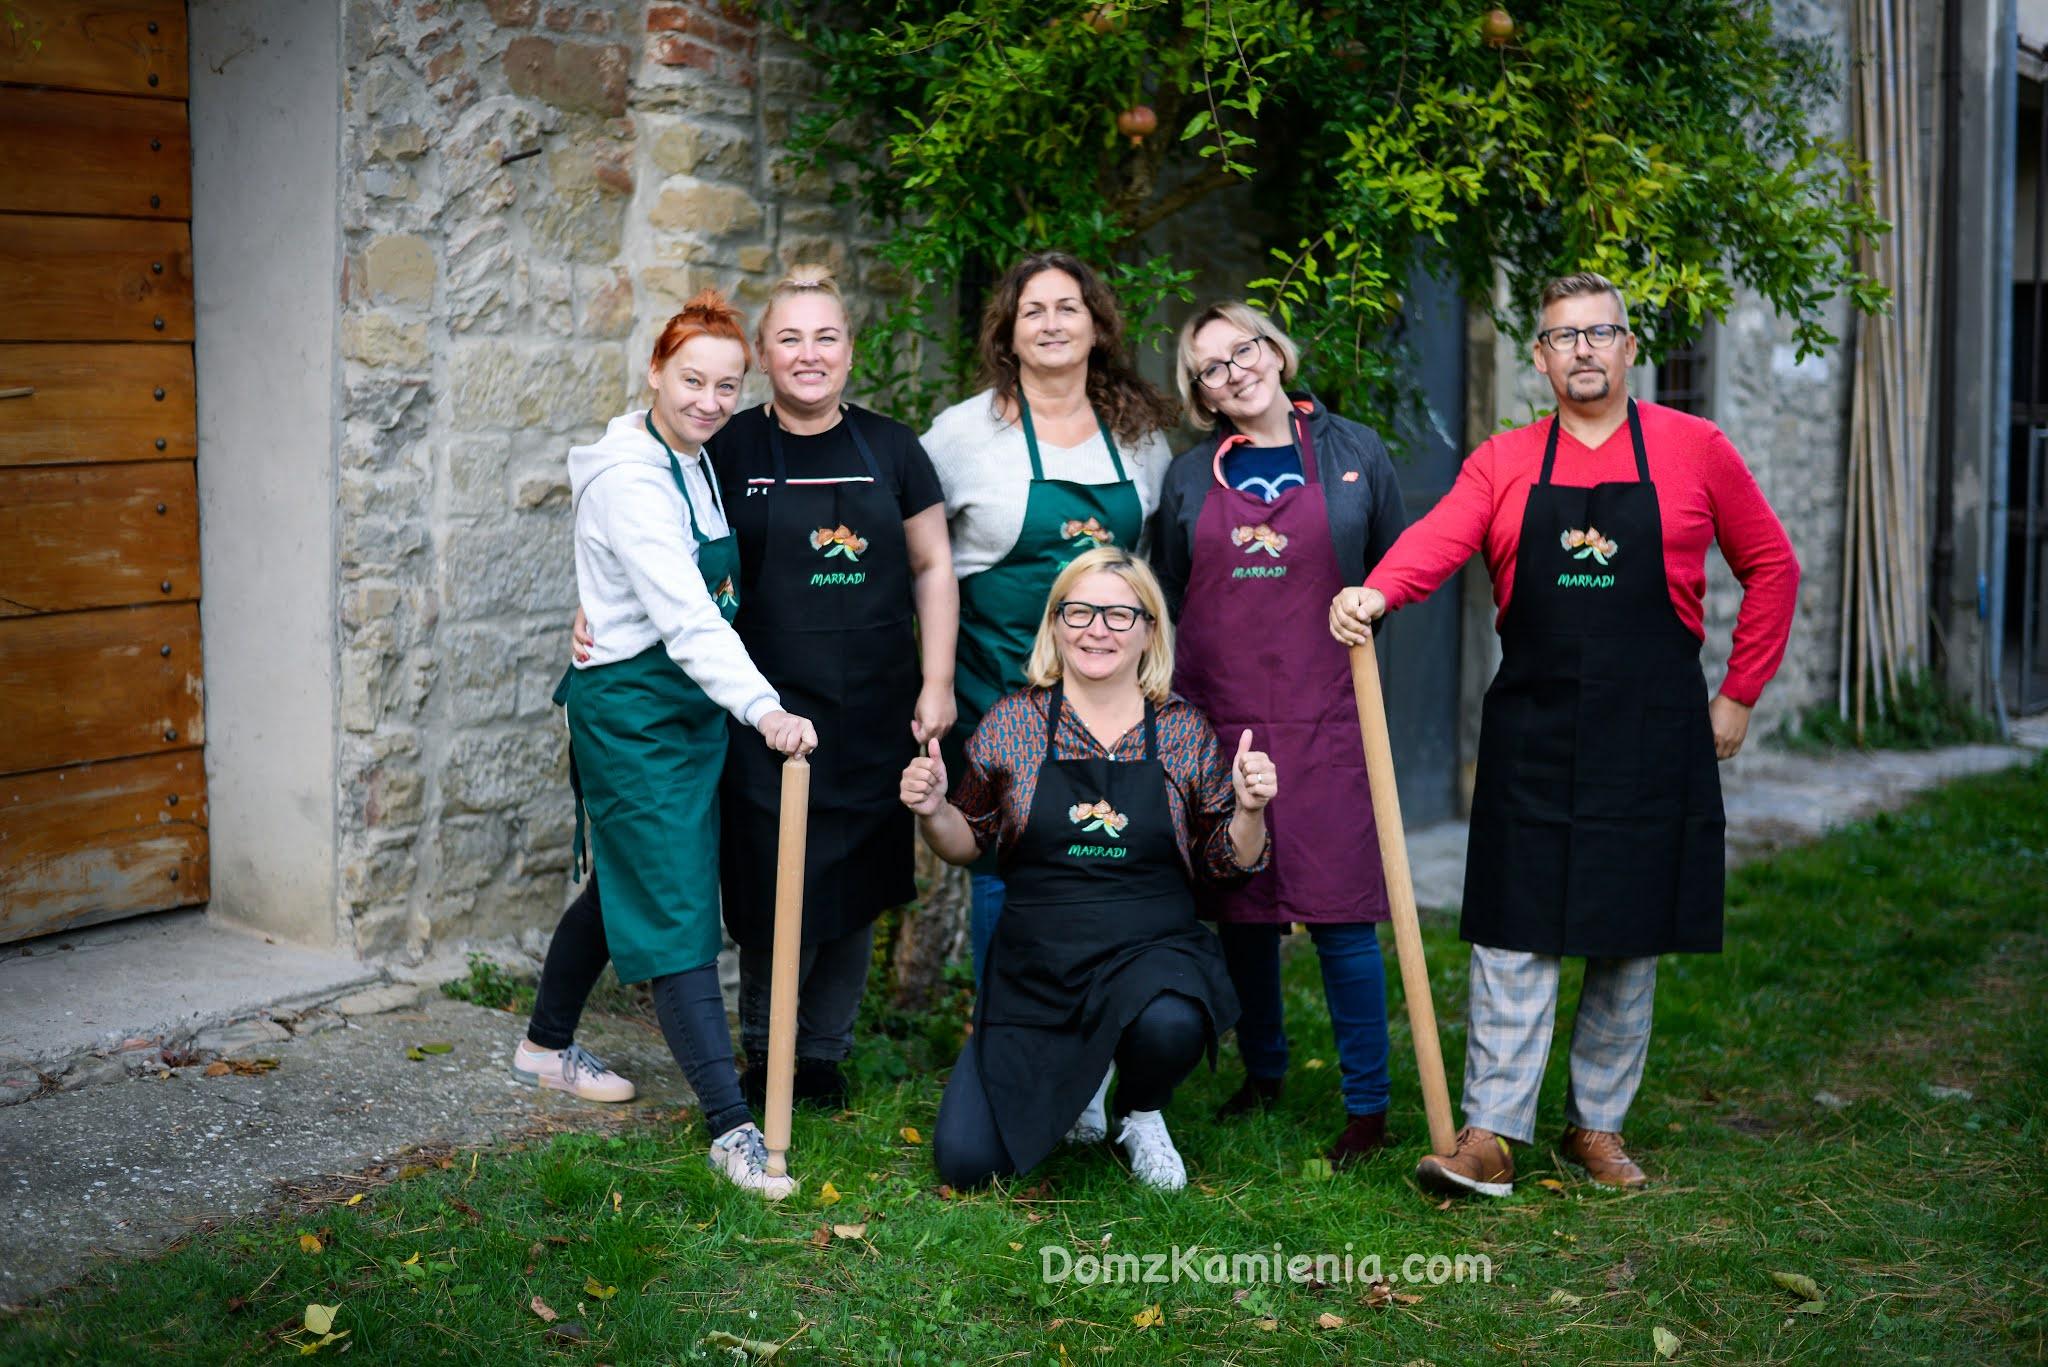 warsztaty kulinarno trekkingowe, Marradi, Dom z Kamienia blog